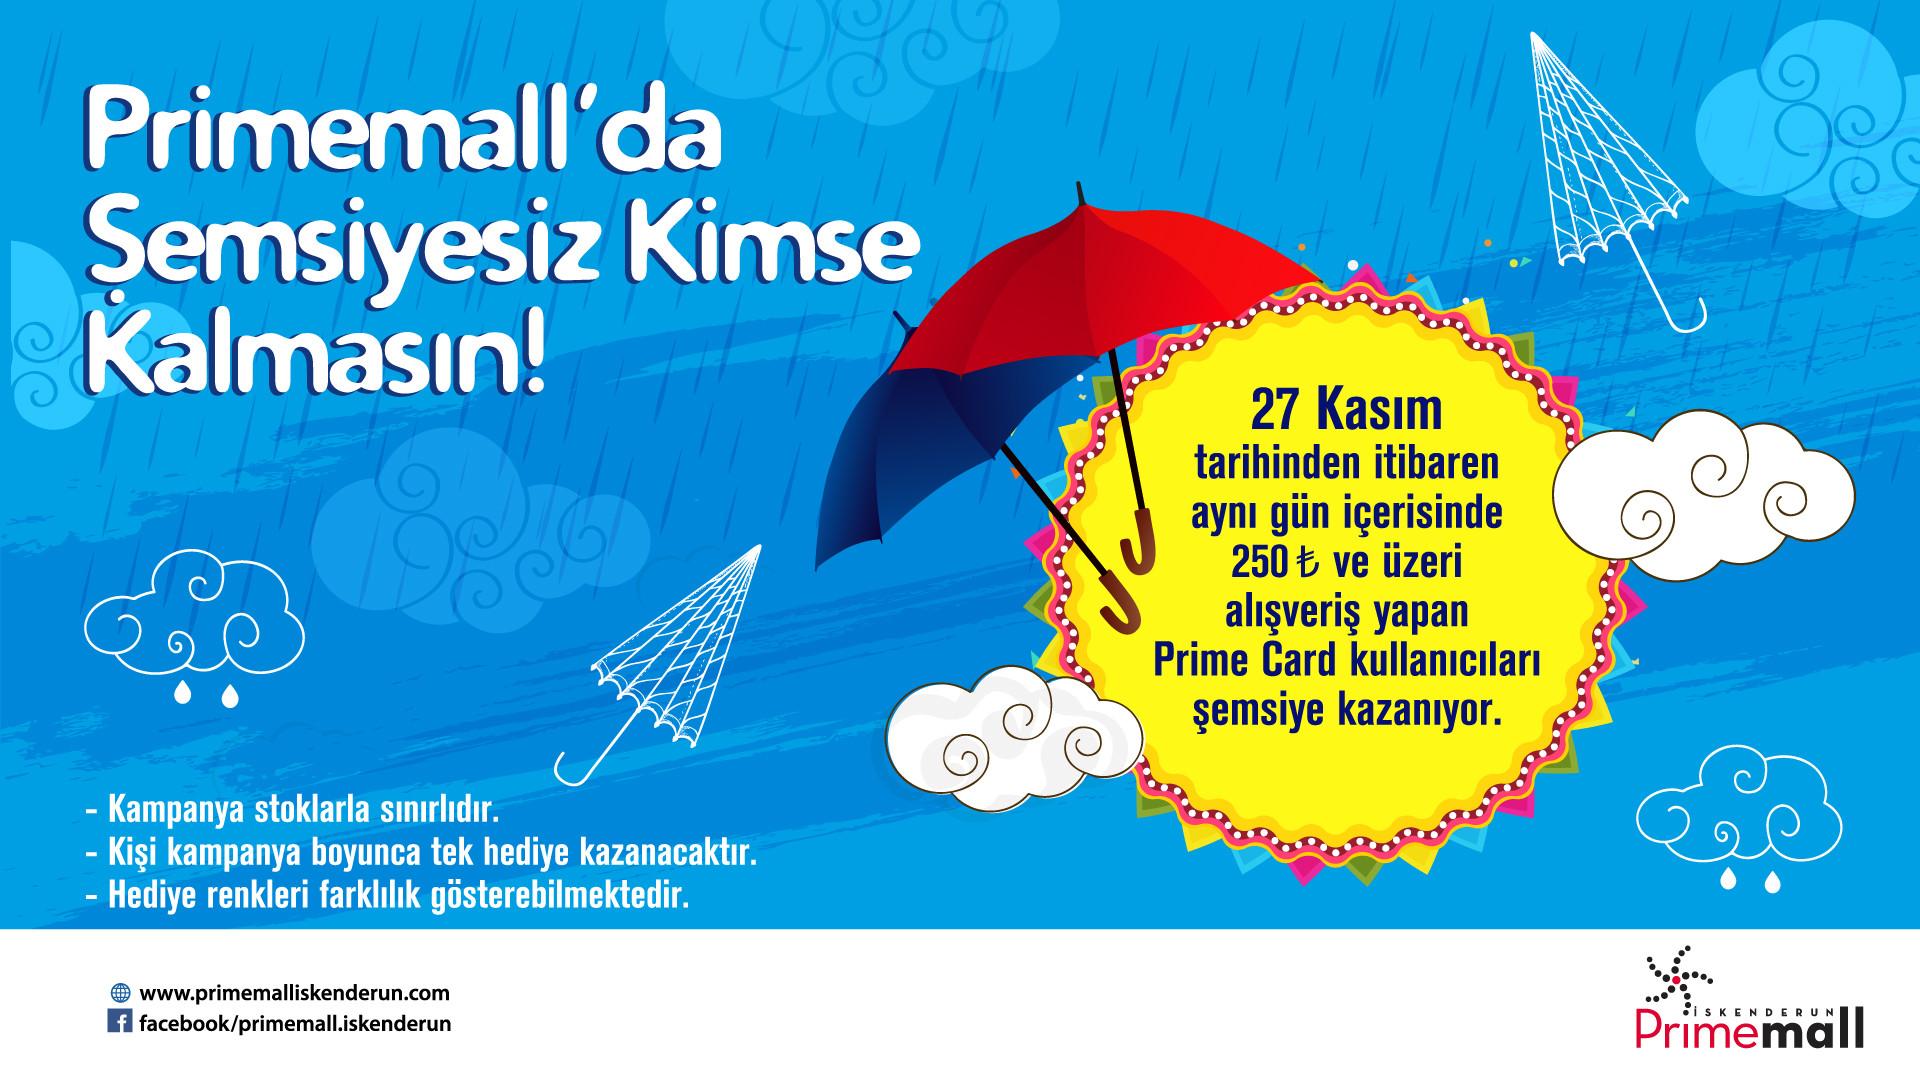 Primemall'da Şemsiyesiz Kimse Kalmasın